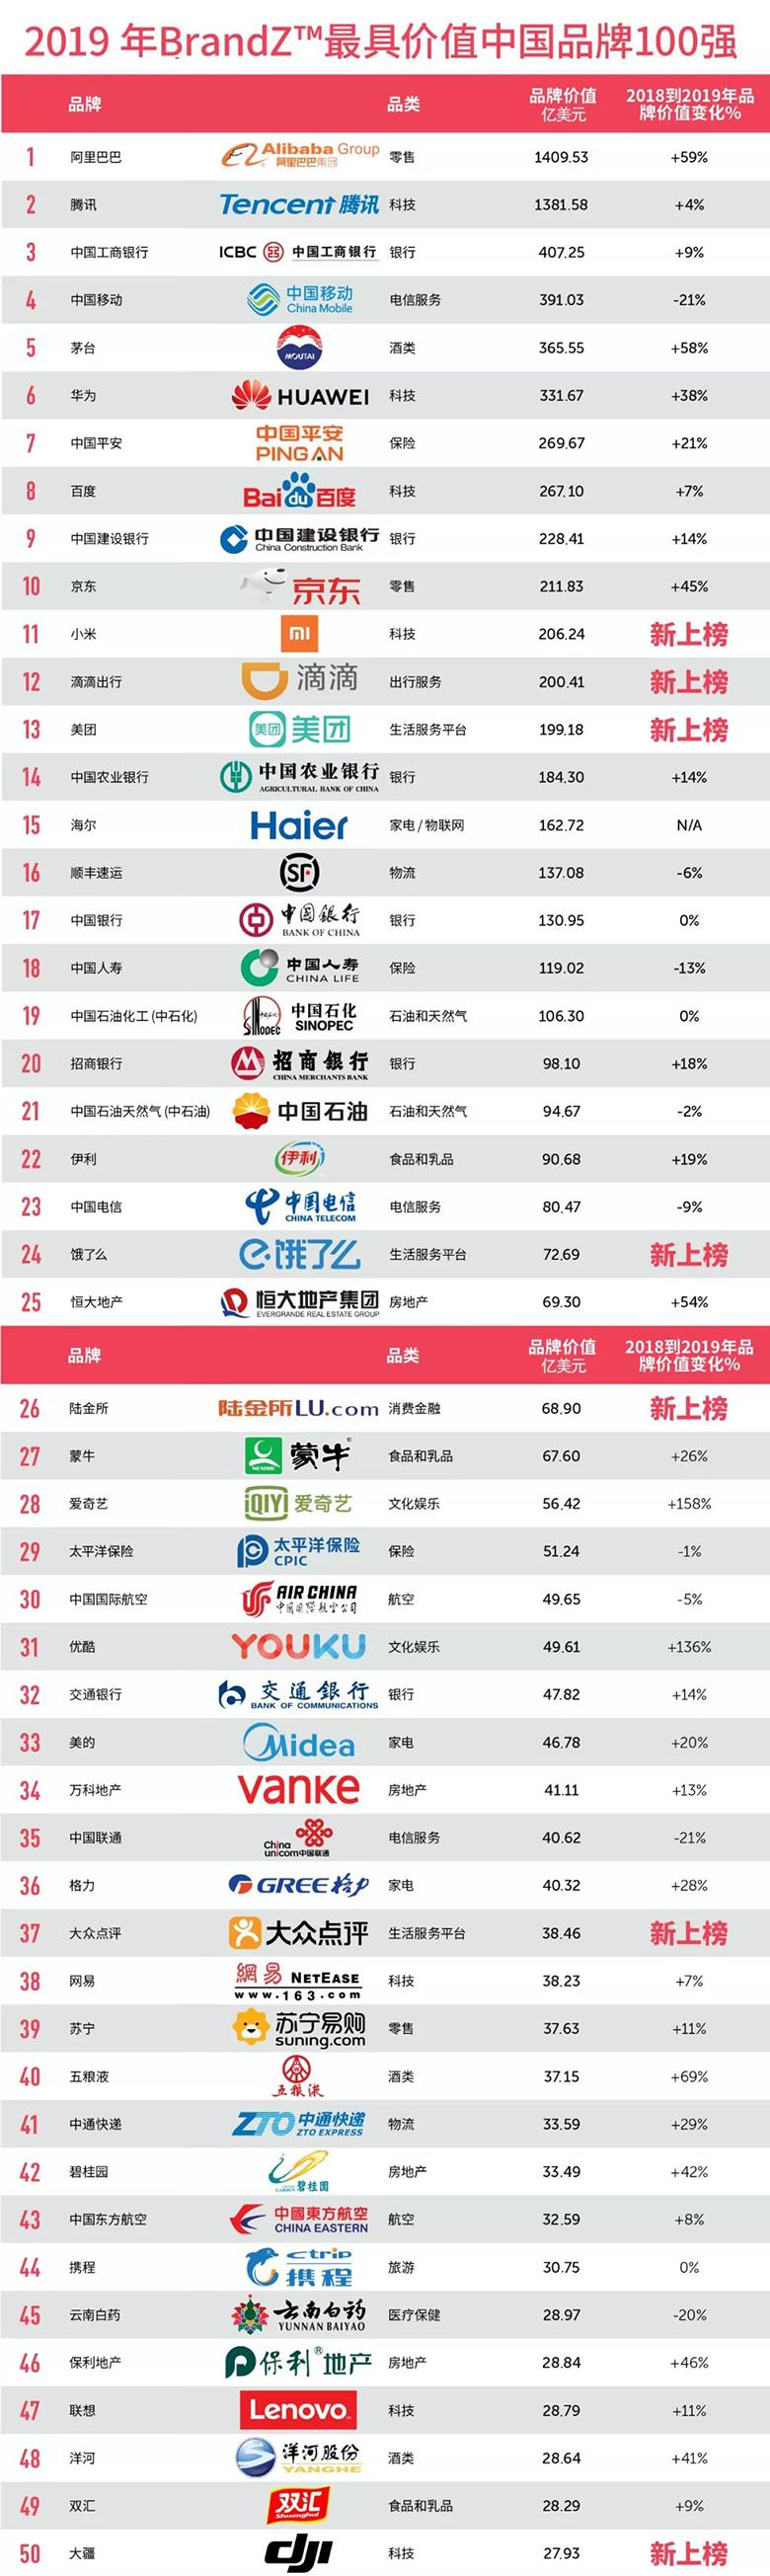 【重磅】2019最具价值中国品牌100强发布(完整榜单) 智能公会